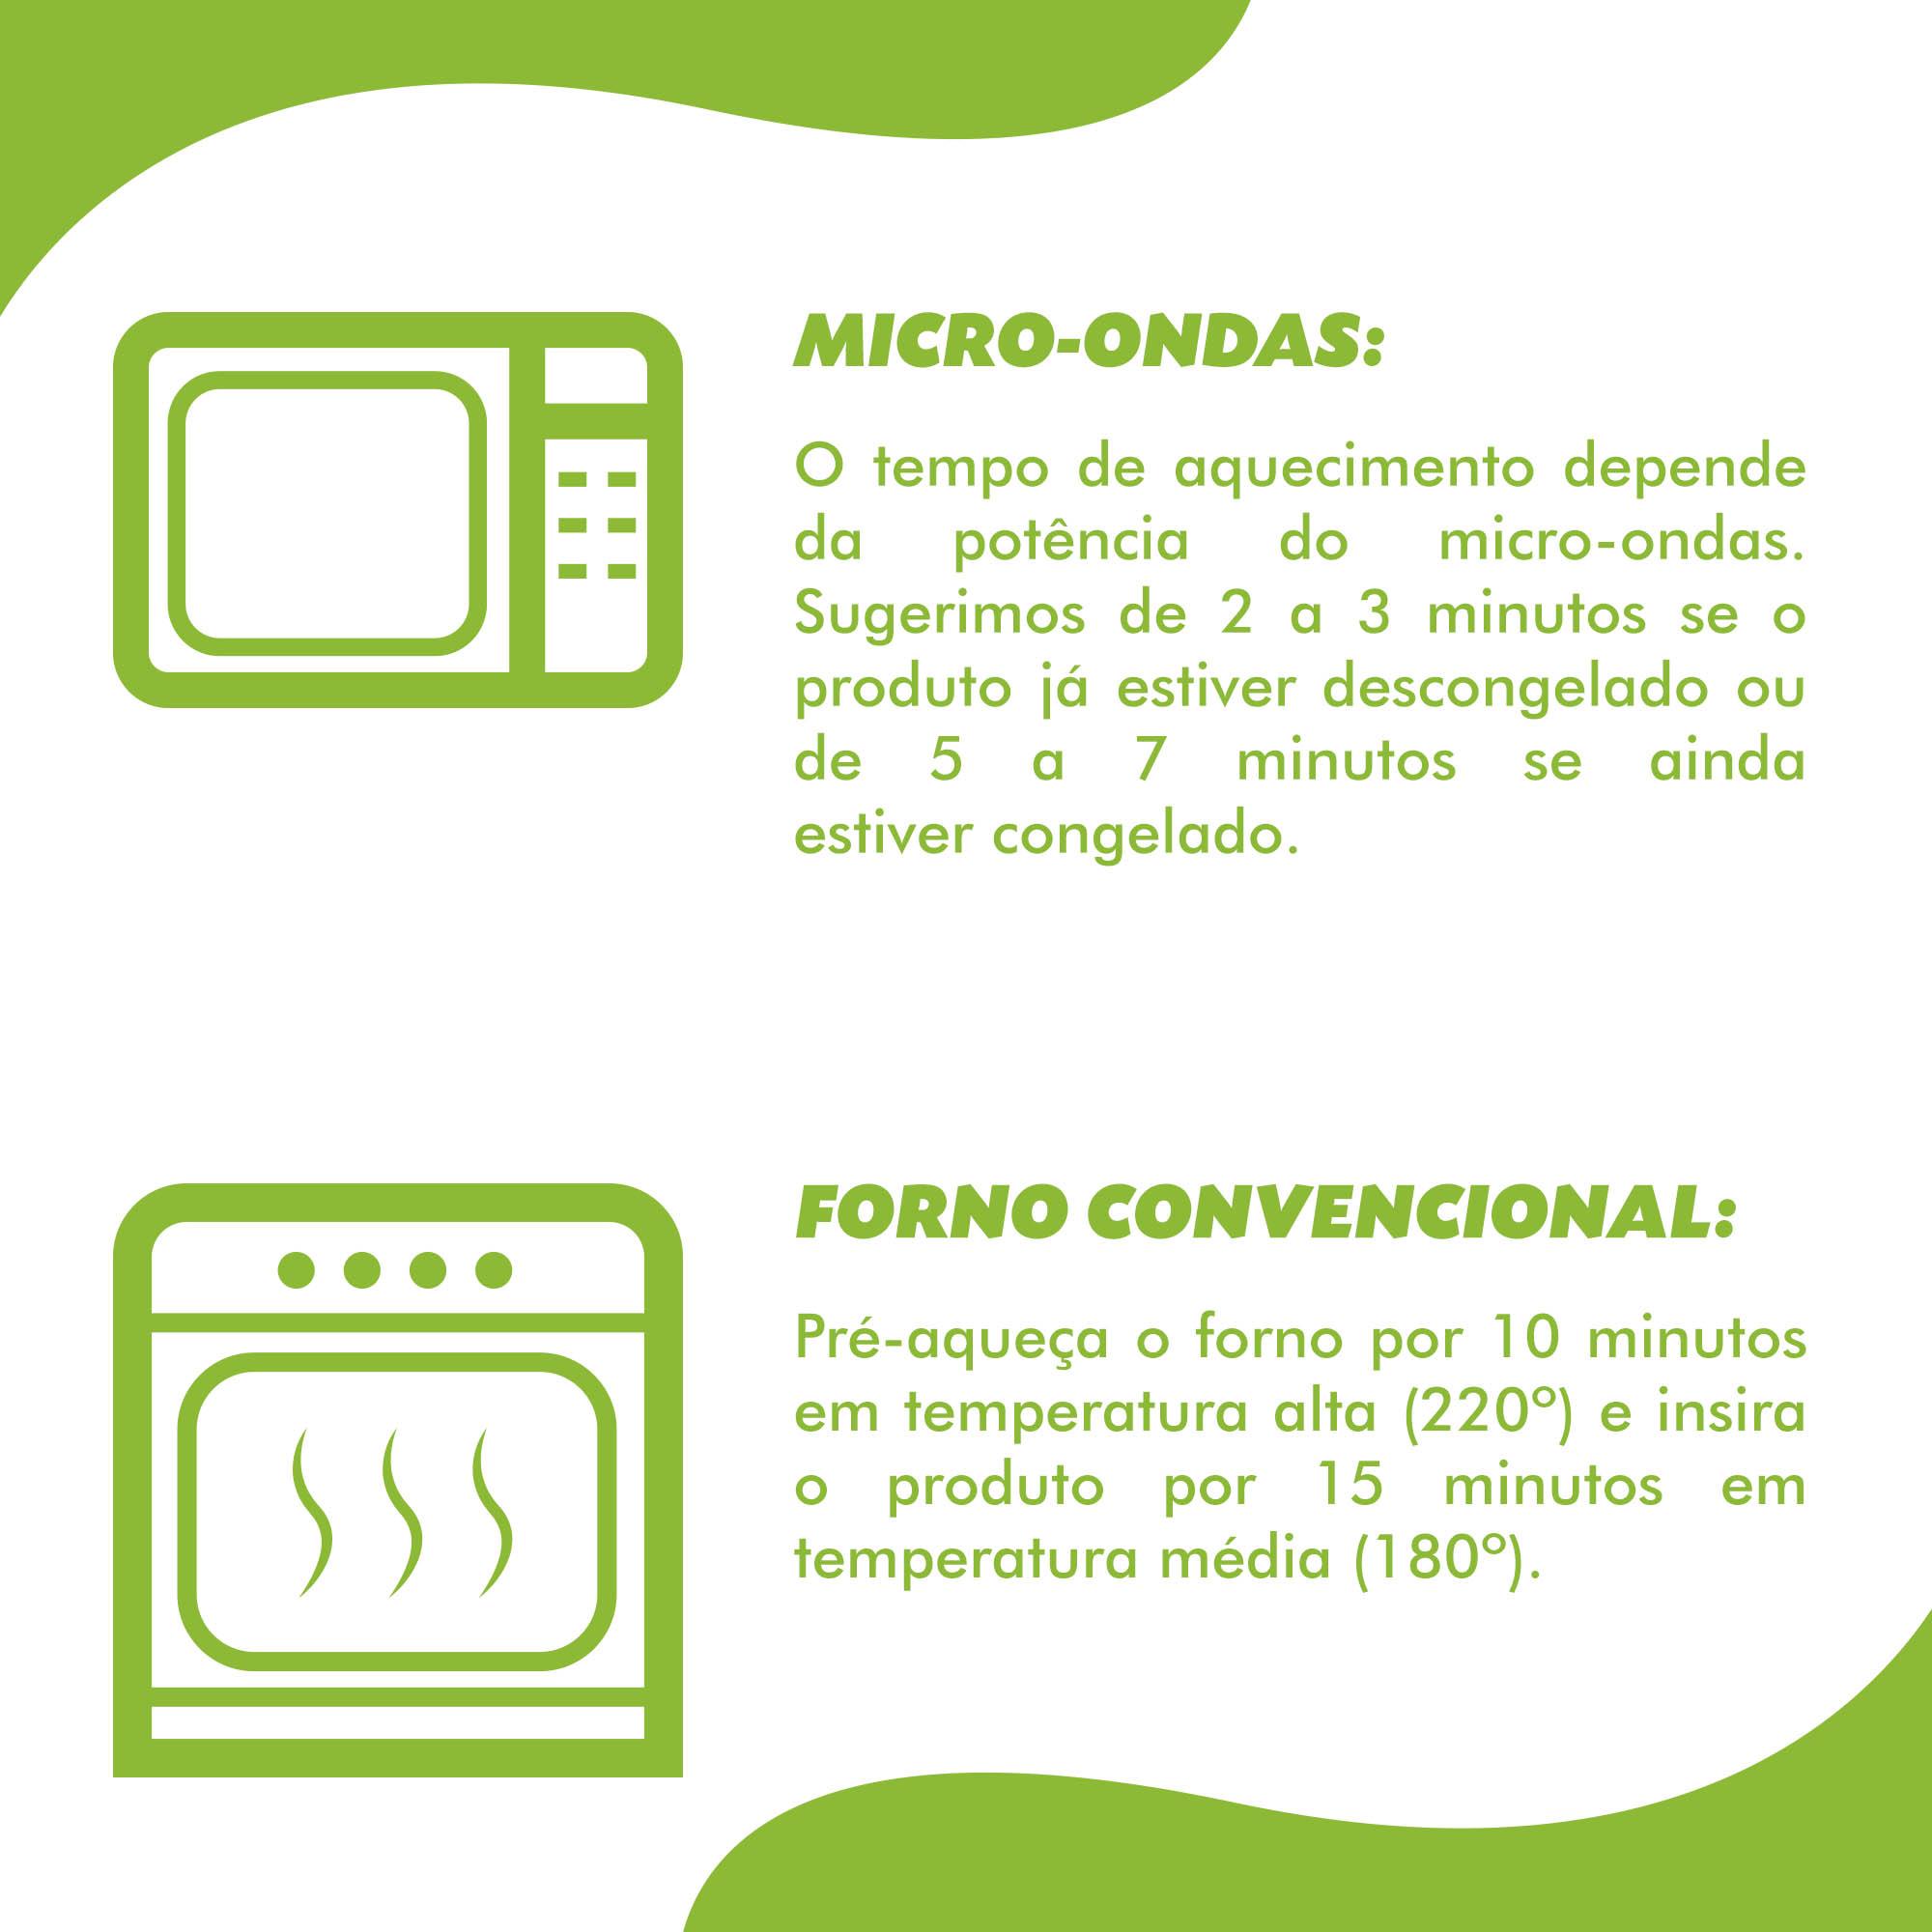 Ragu de carne + Arroz integral com amêndoas + Cenoura ao forno ou Abóbora assada (330g)